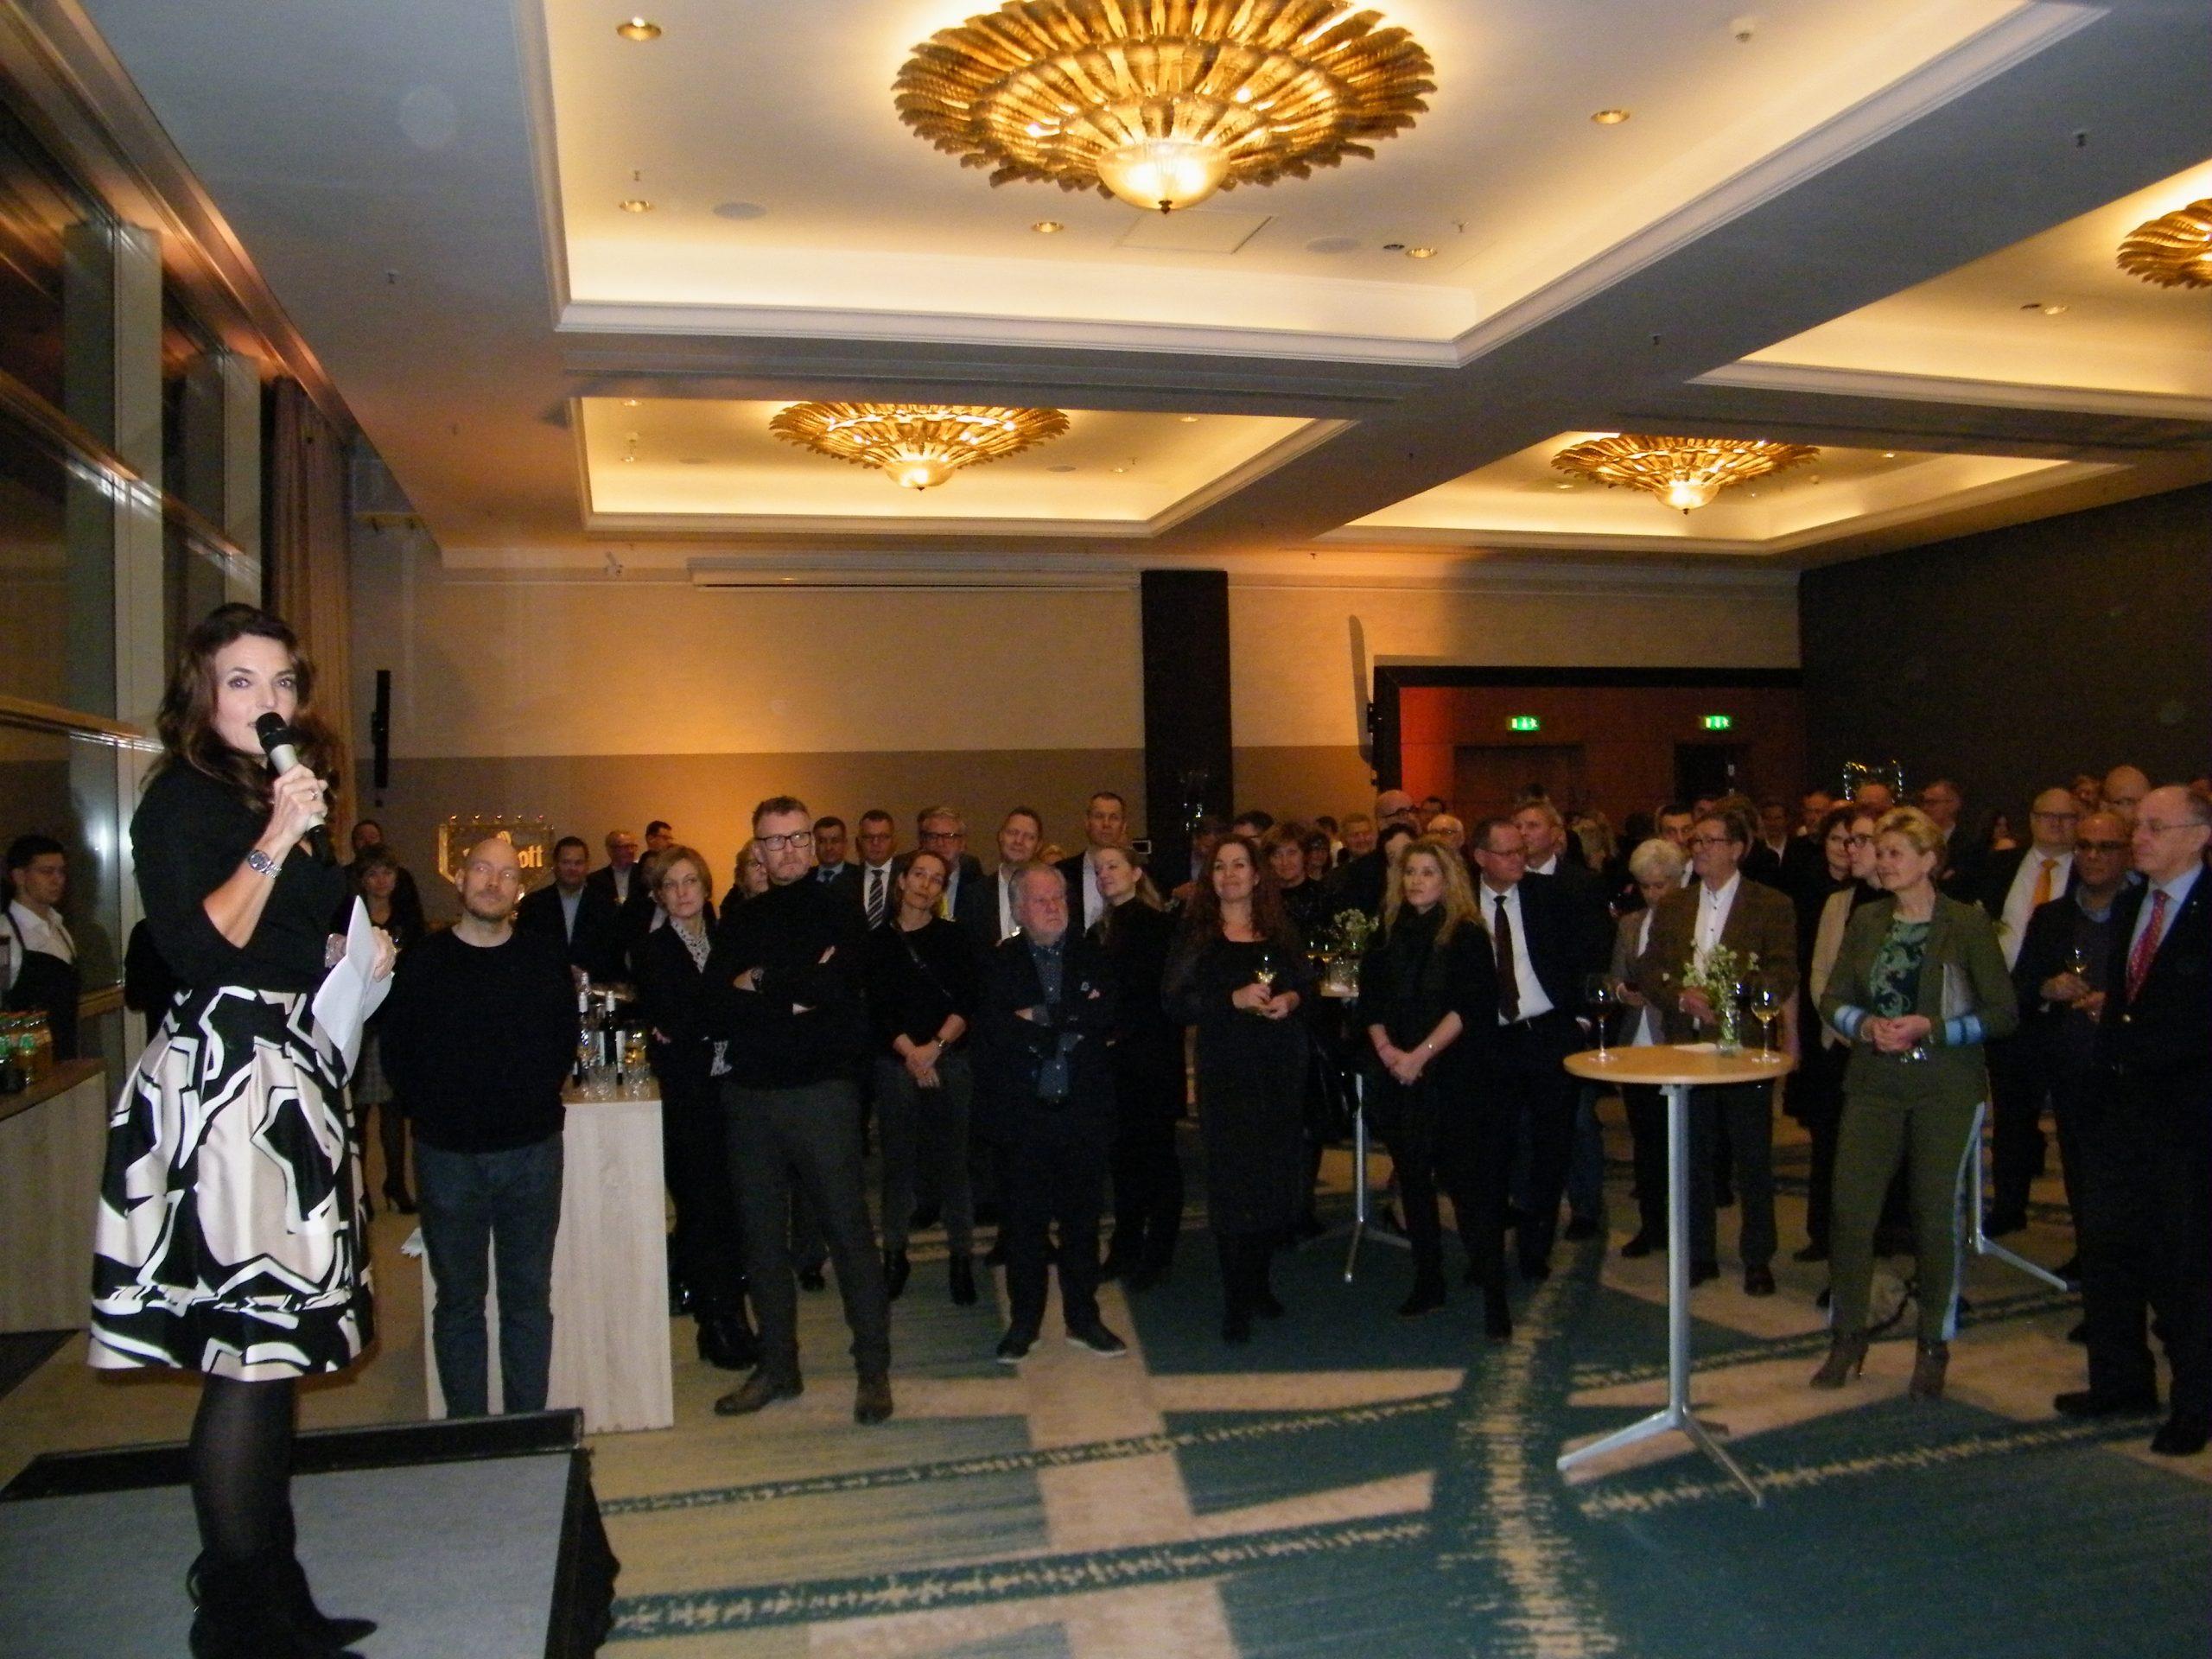 Katia K. Østergaard på podiet under sine takketale til de mange fremmødte på Marriott-hotellet til hendes 50 års reception. Foto: Henrik Baumgarten.